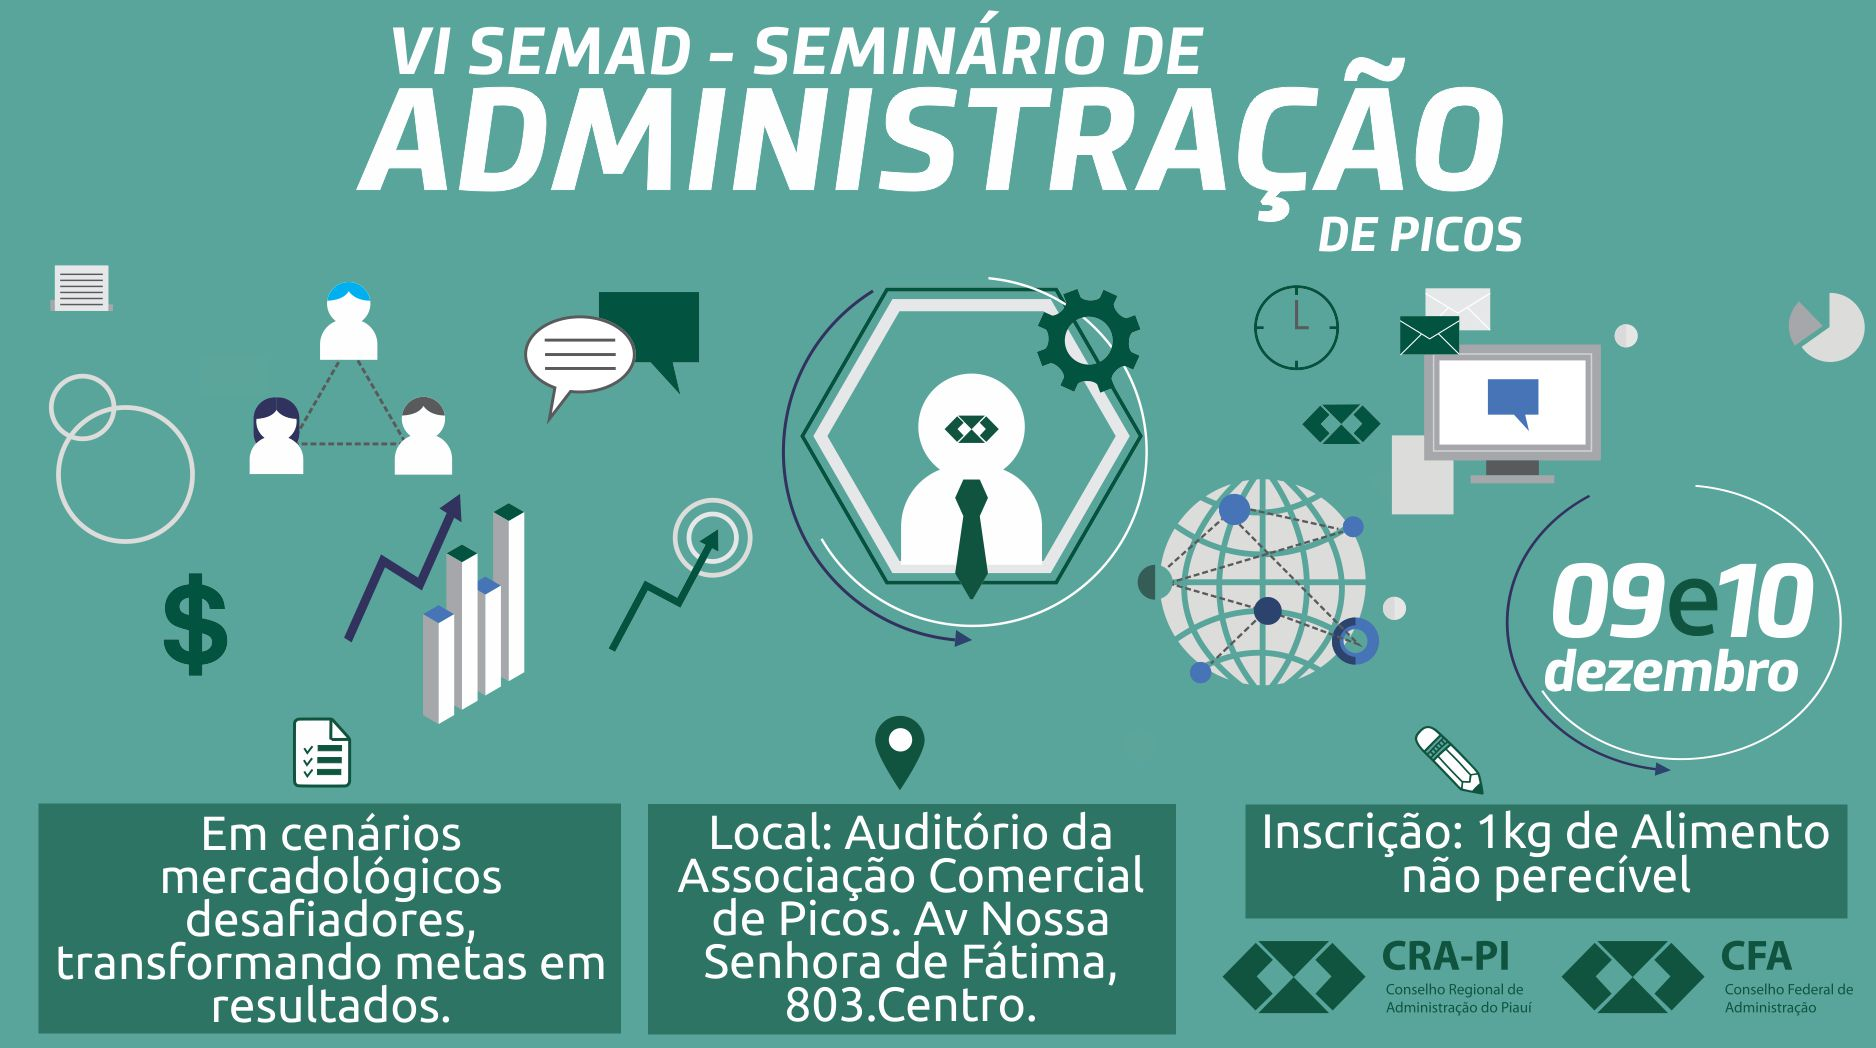 VI SEMAD- Seminário de Administração de Picos